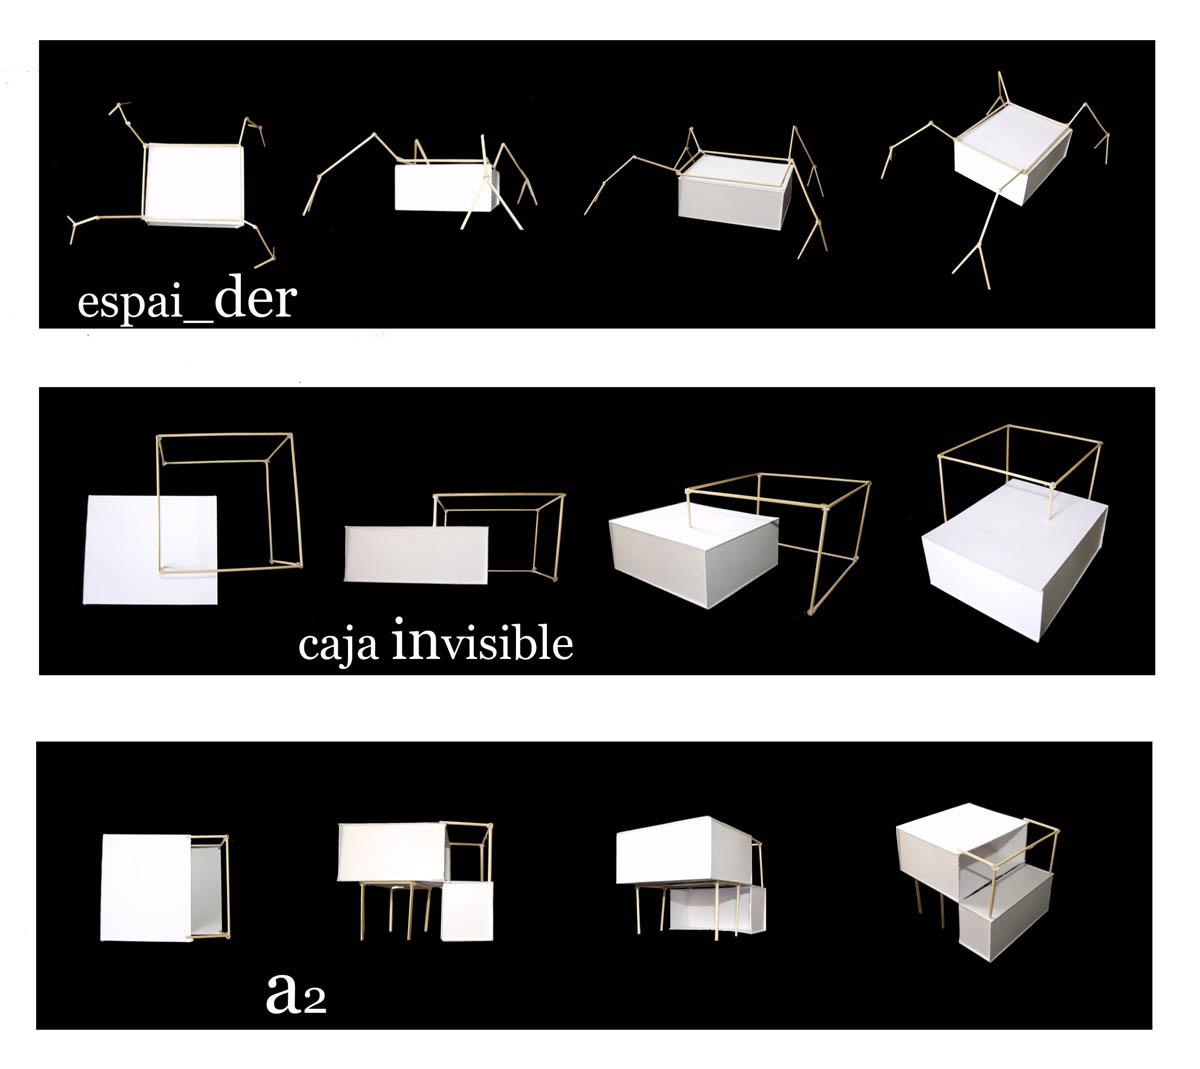 Catarqsis proyectos projecte3 - Tipos de espacios ...